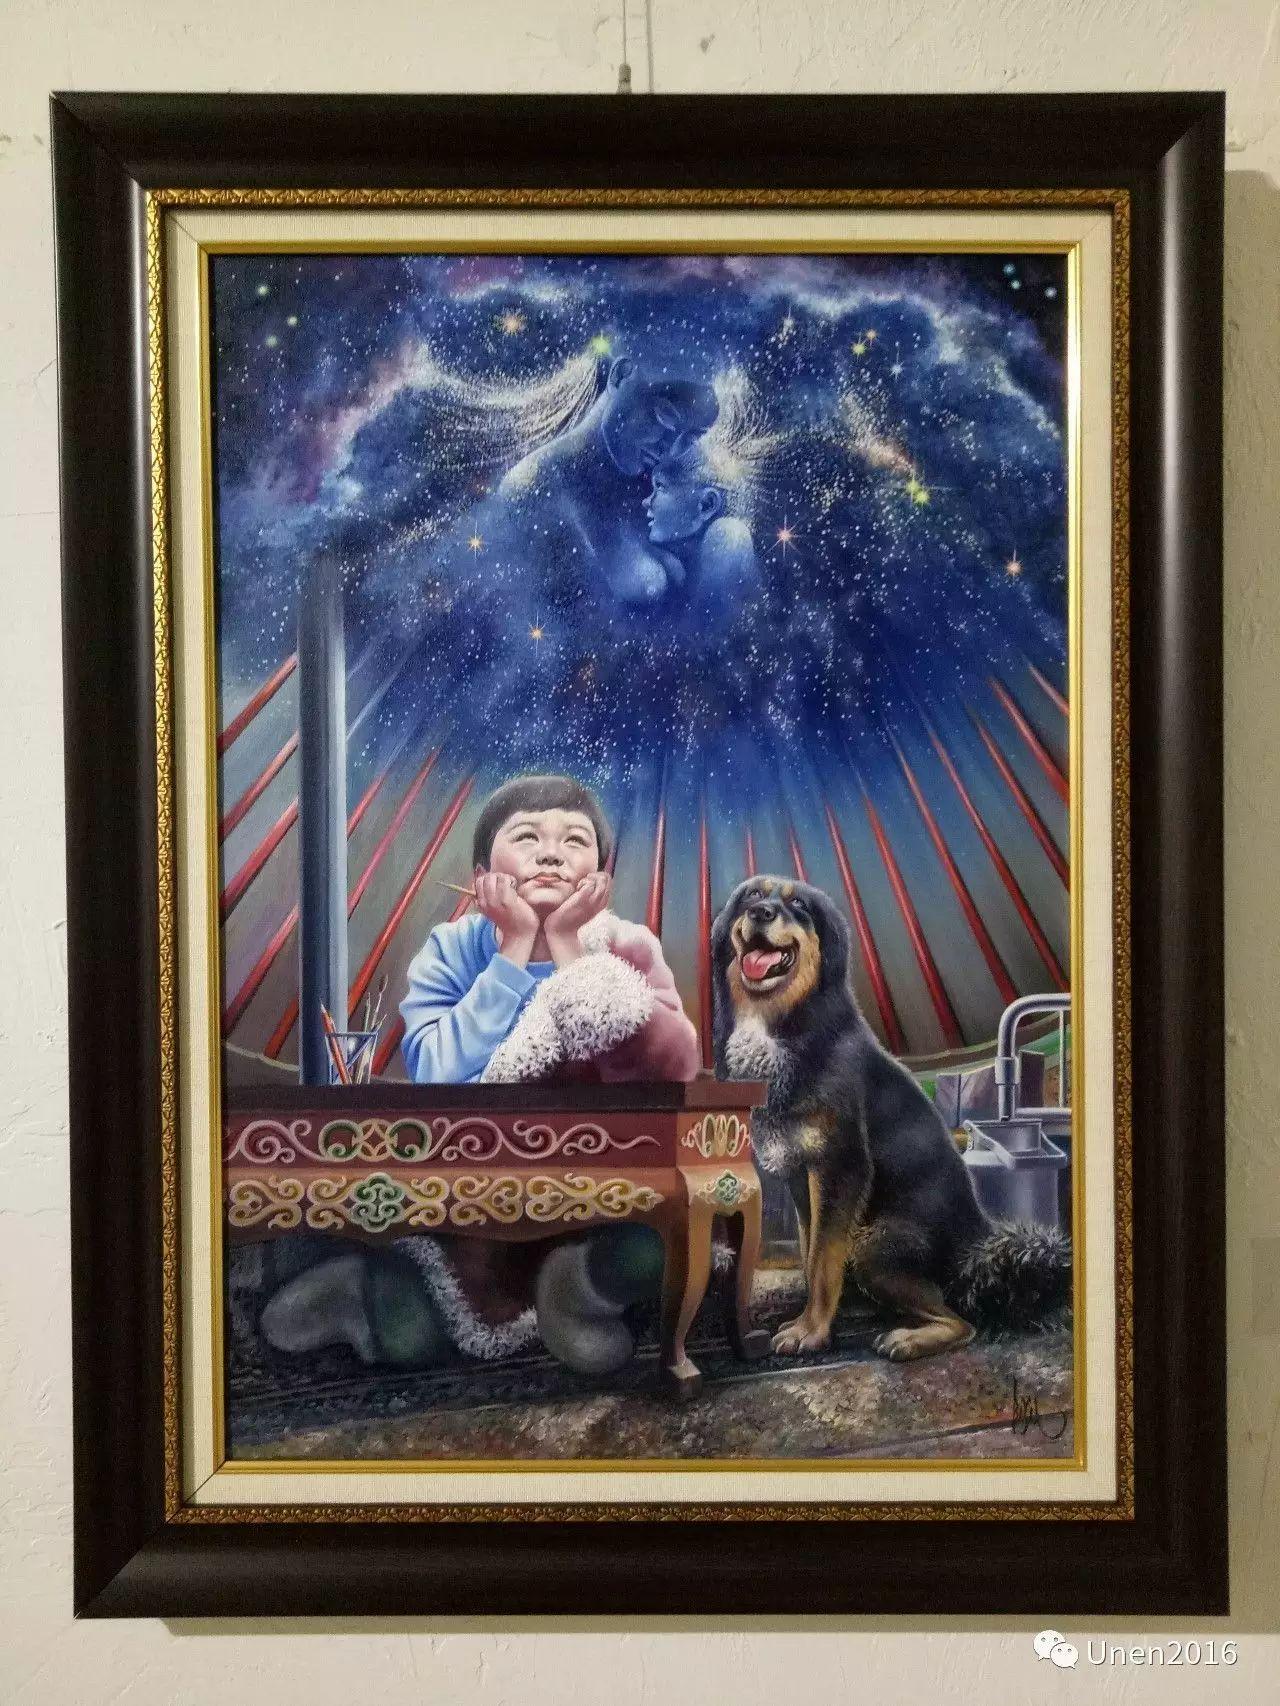 【Unen】美术:蒙古国青年画家巴雅尔的油画作品 第10张